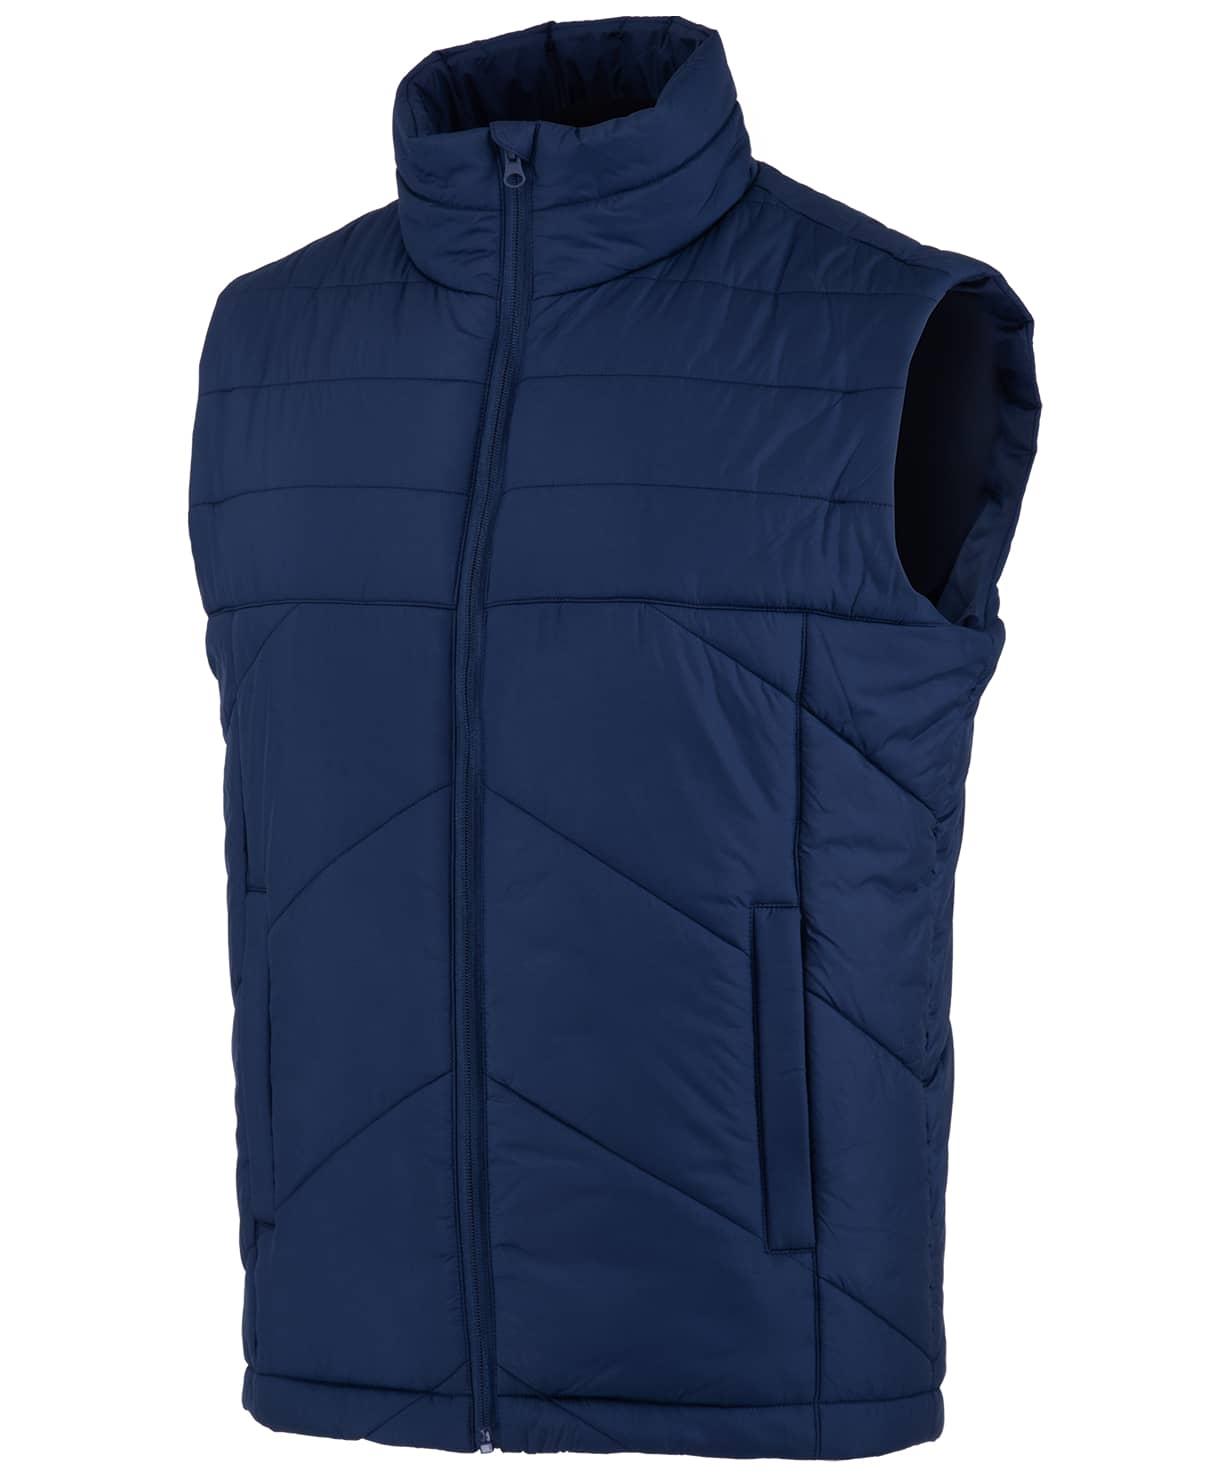 Жилет утепленный детский ESSENTIAL Padded Vest, темно-синий